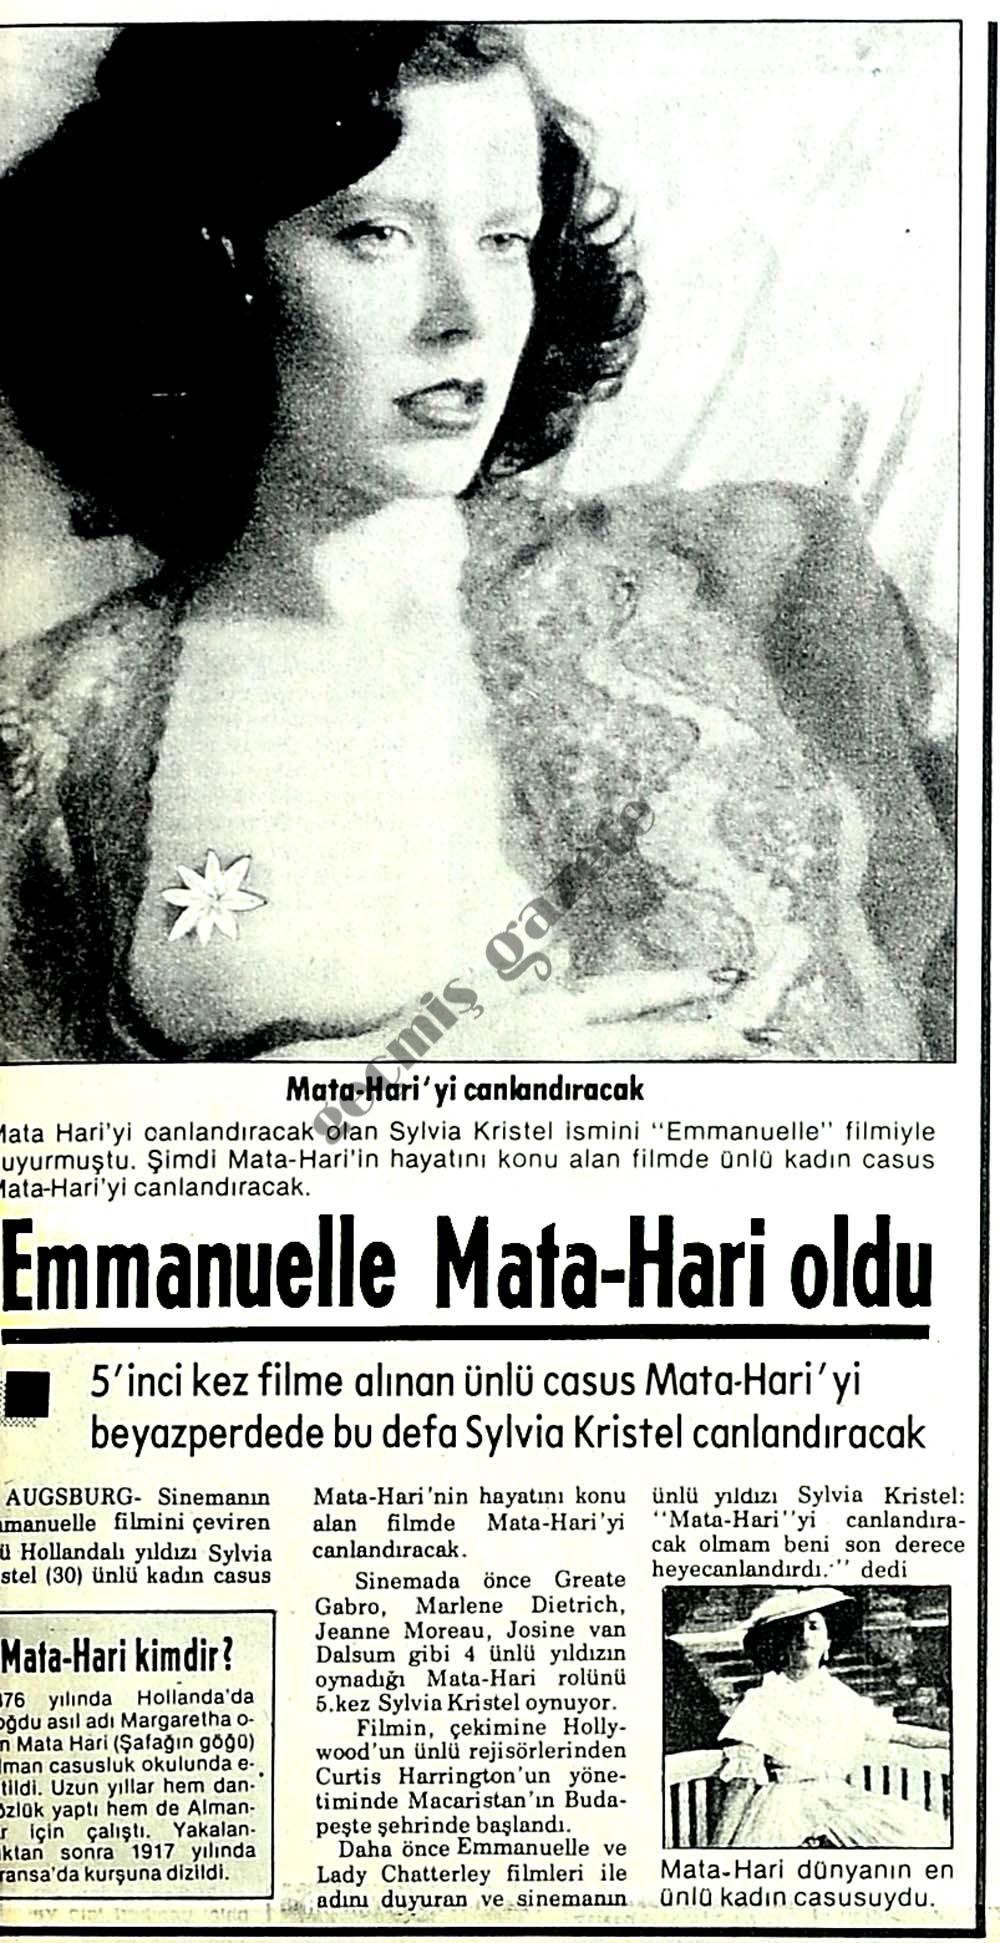 Emmanuelle Mata-Hari oldu